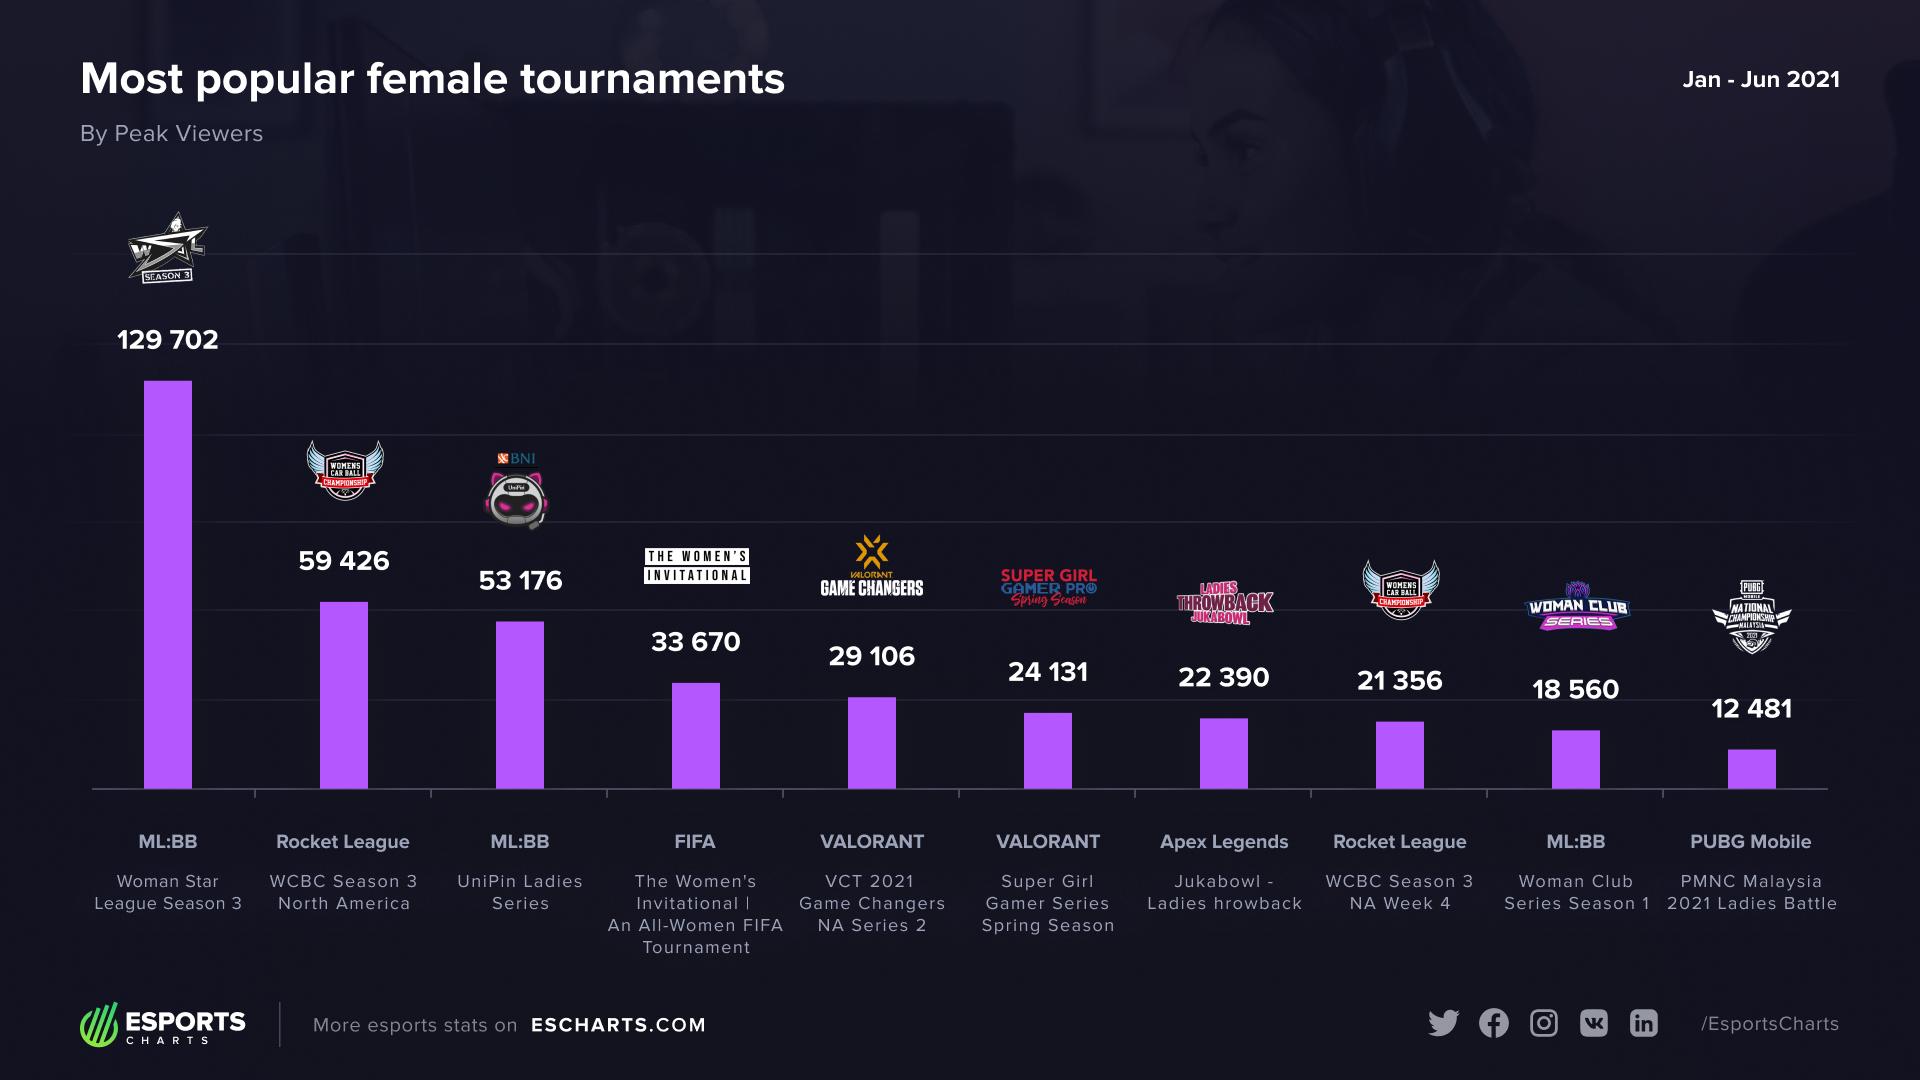 Turnamen esports wanita terpopuler di tahun 2021 oleh Peak Viewers